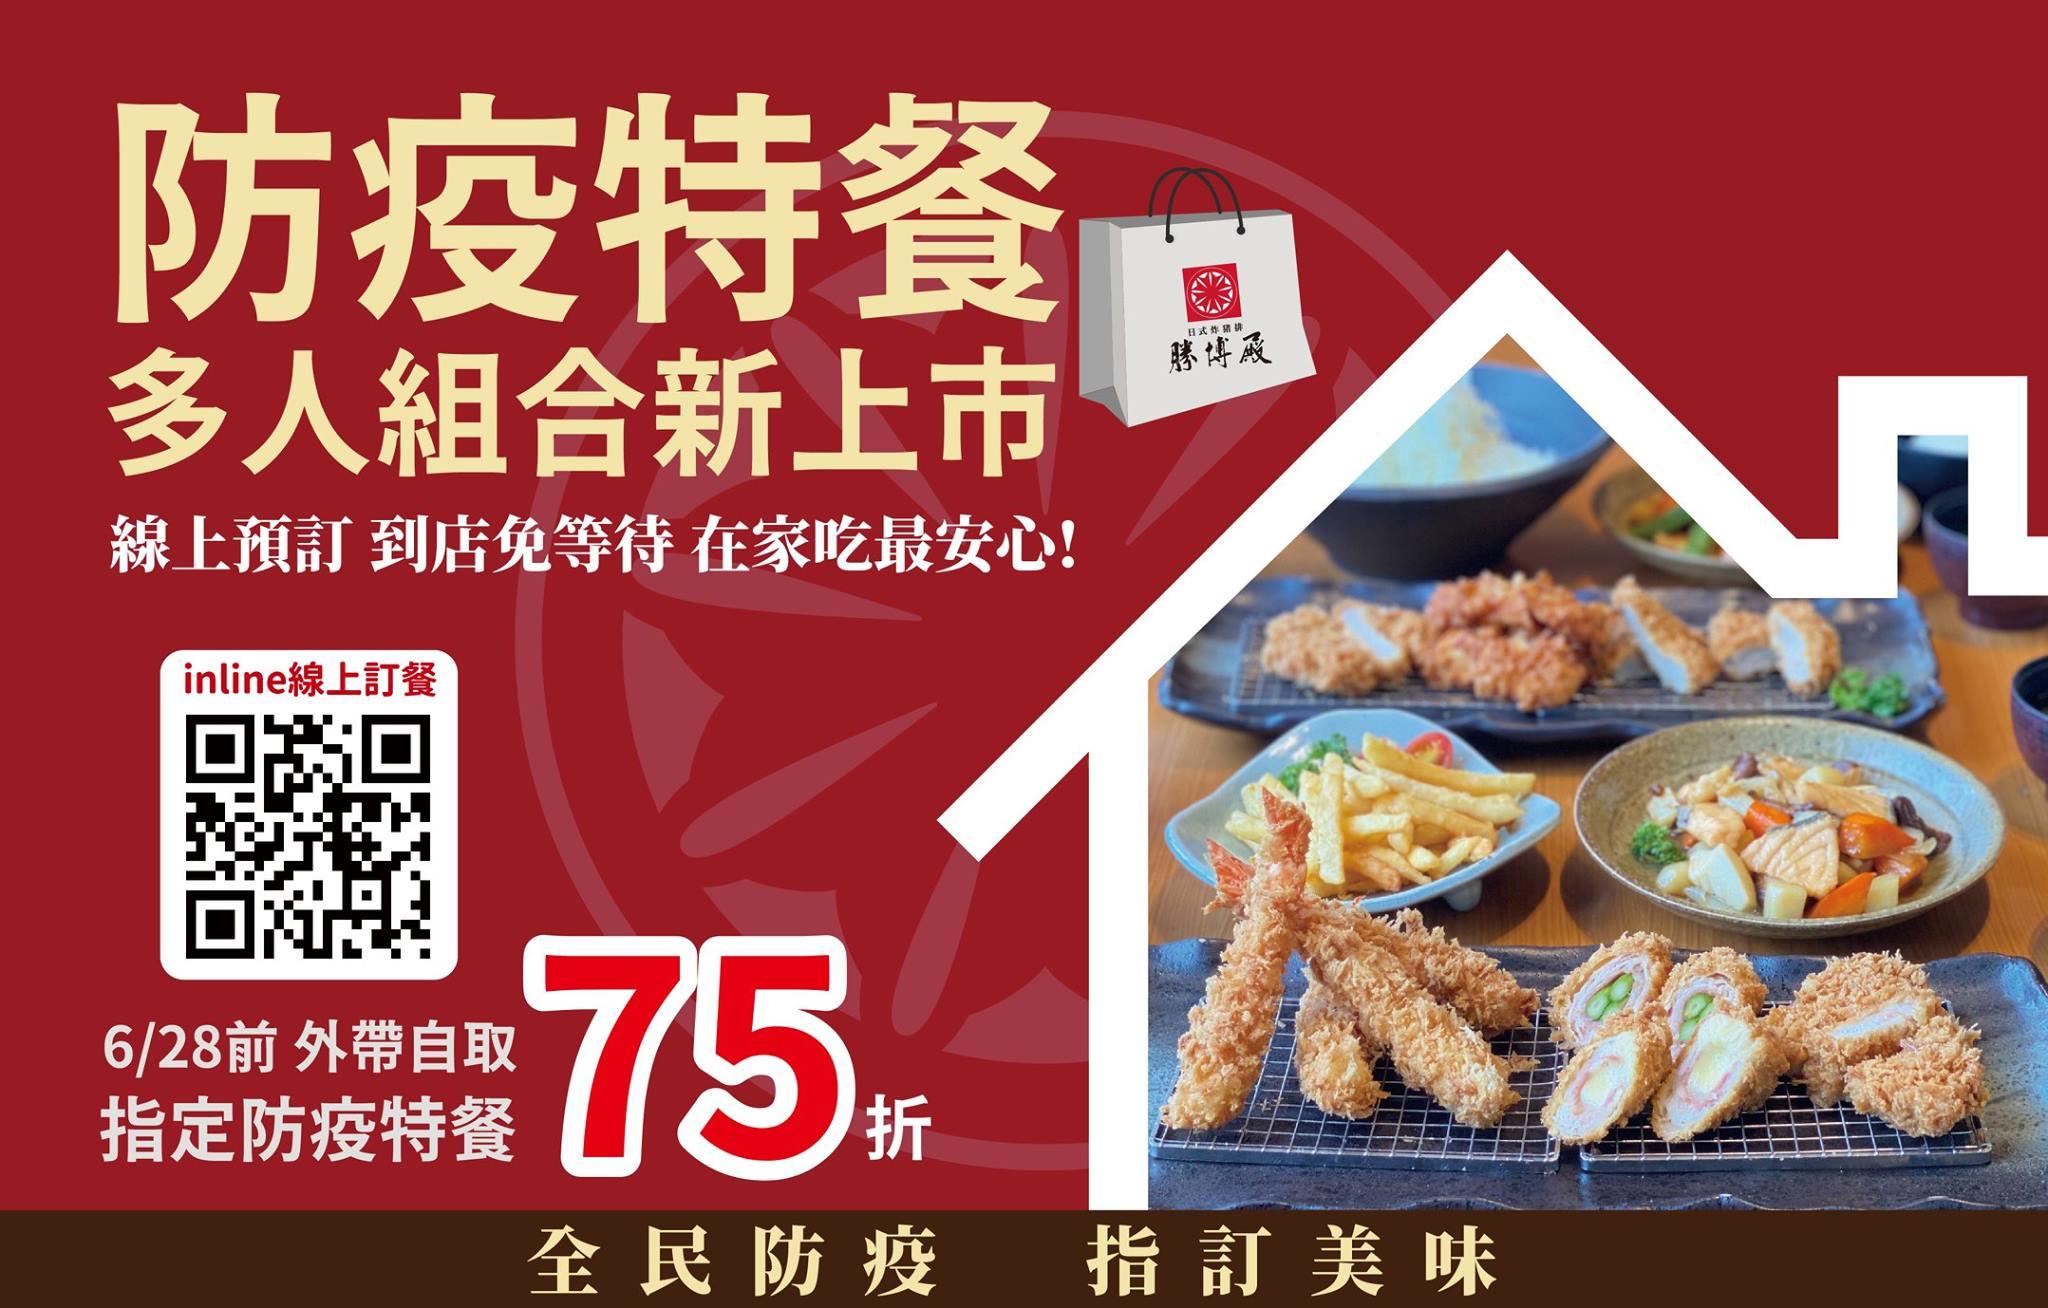 台北外帶美食 優惠餐廳總整理 防疫期間外帶優惠總整理! 連鎖品牌外帶優惠懶人包 75